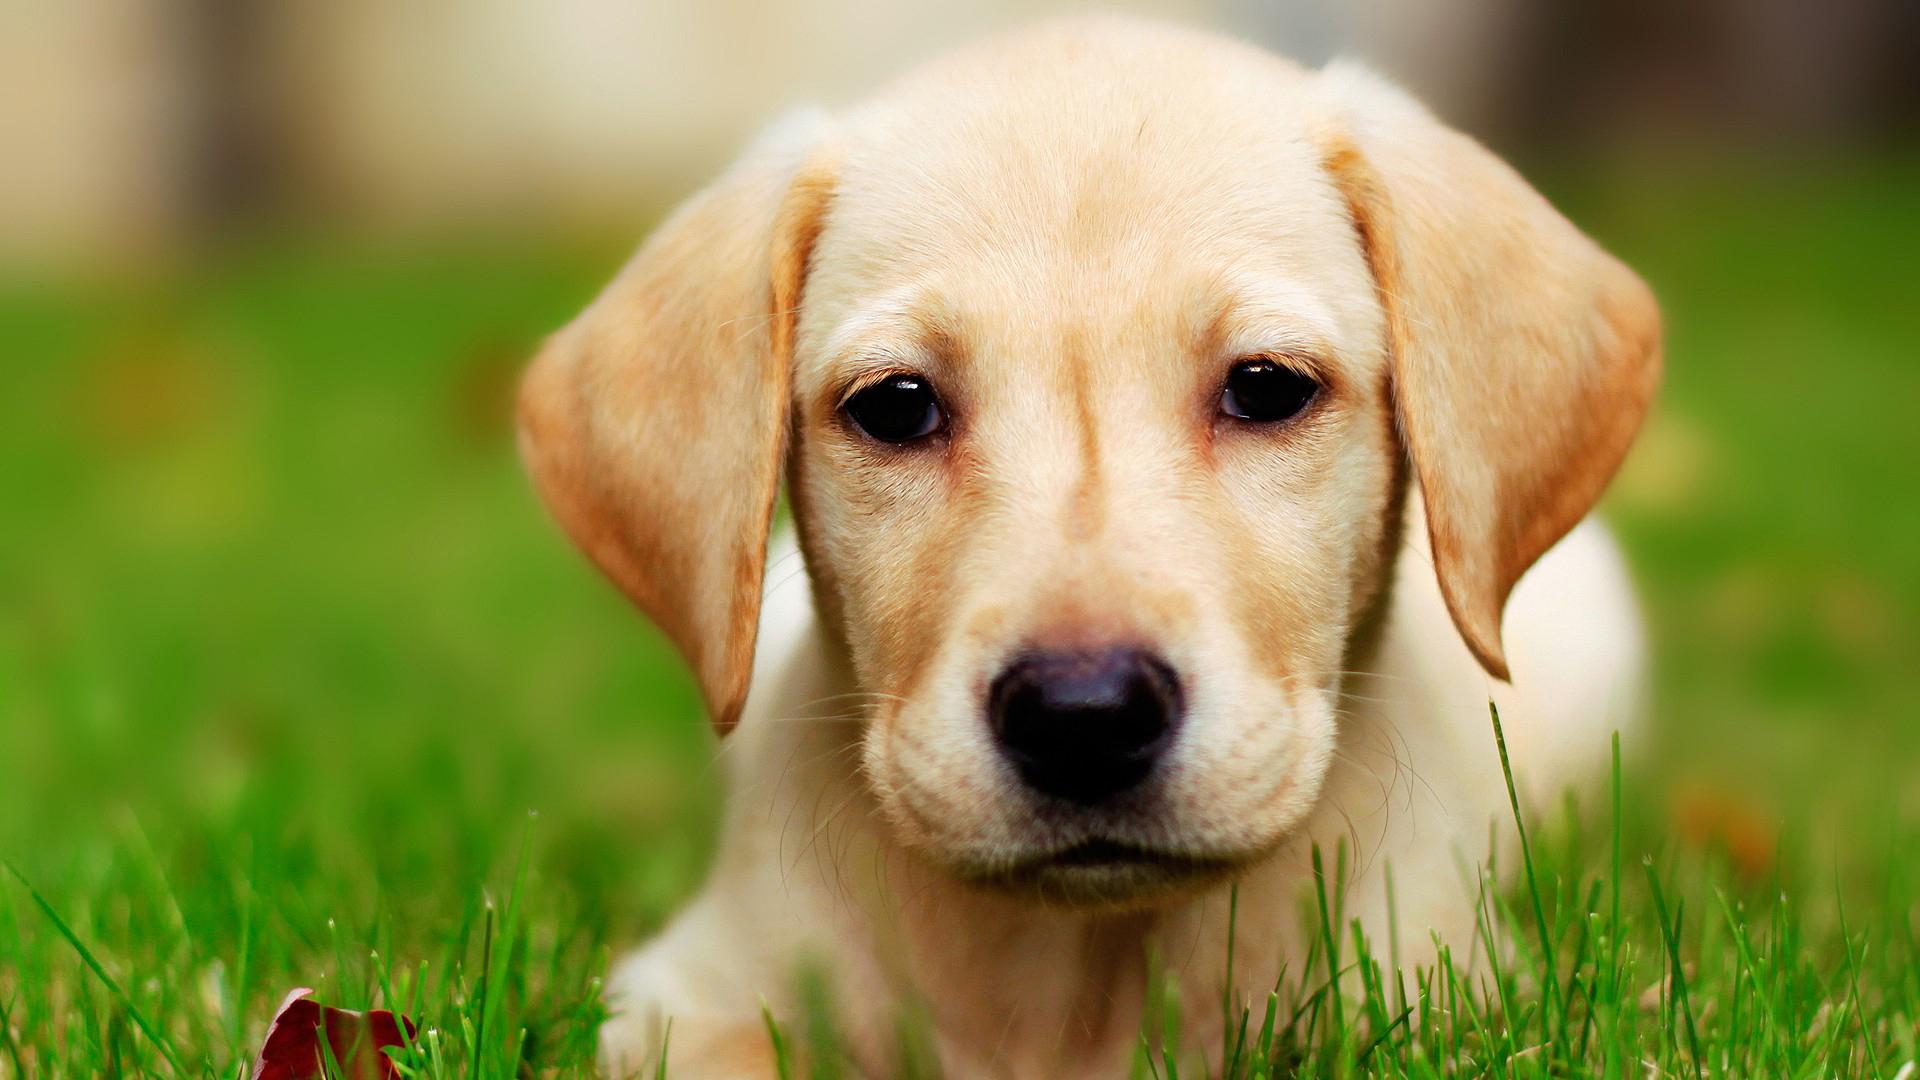 cute dogs 14448